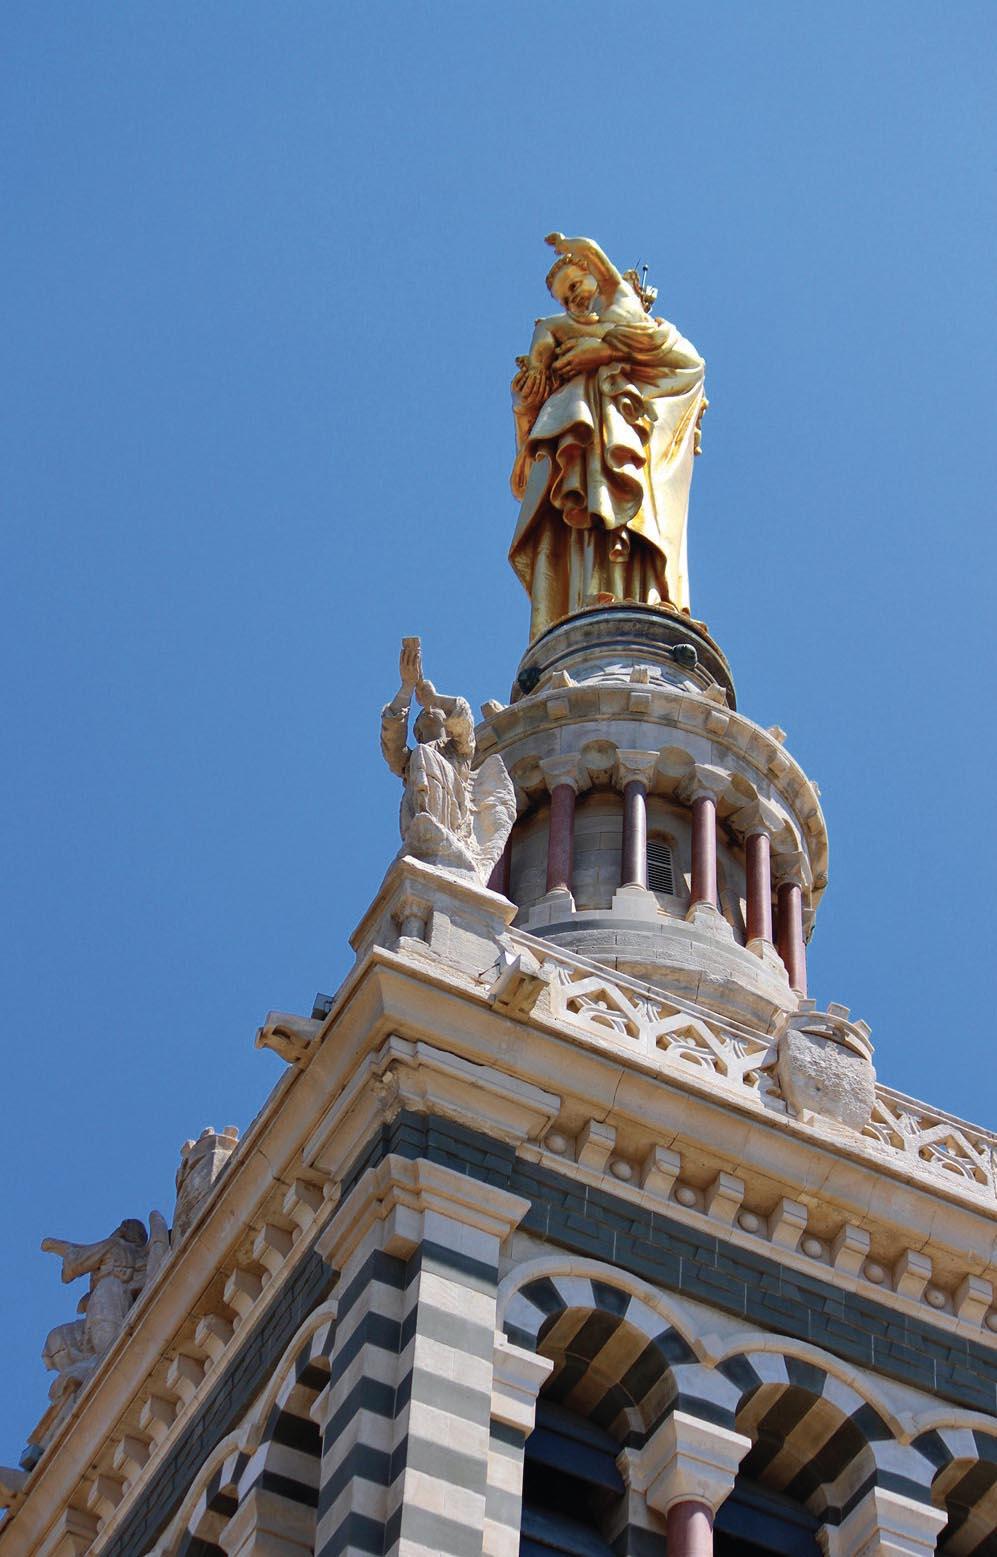 Cận cảnh nhữngđường điêu khắc hài hòa trên công trình kiến trúc cổ.